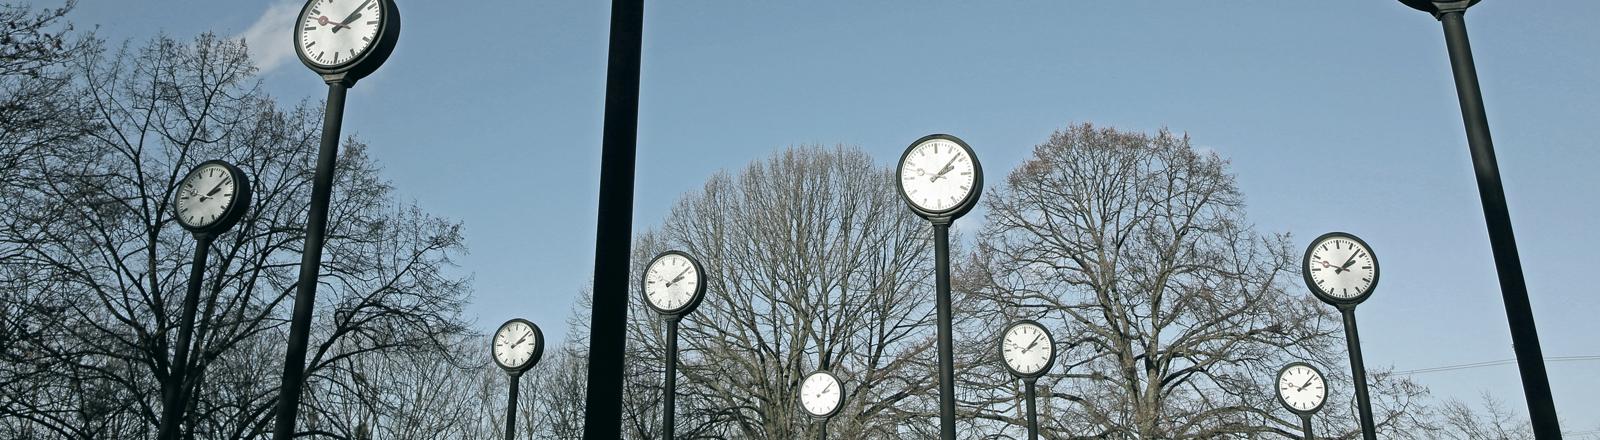 Uhren stehen auf langen Pfählen.